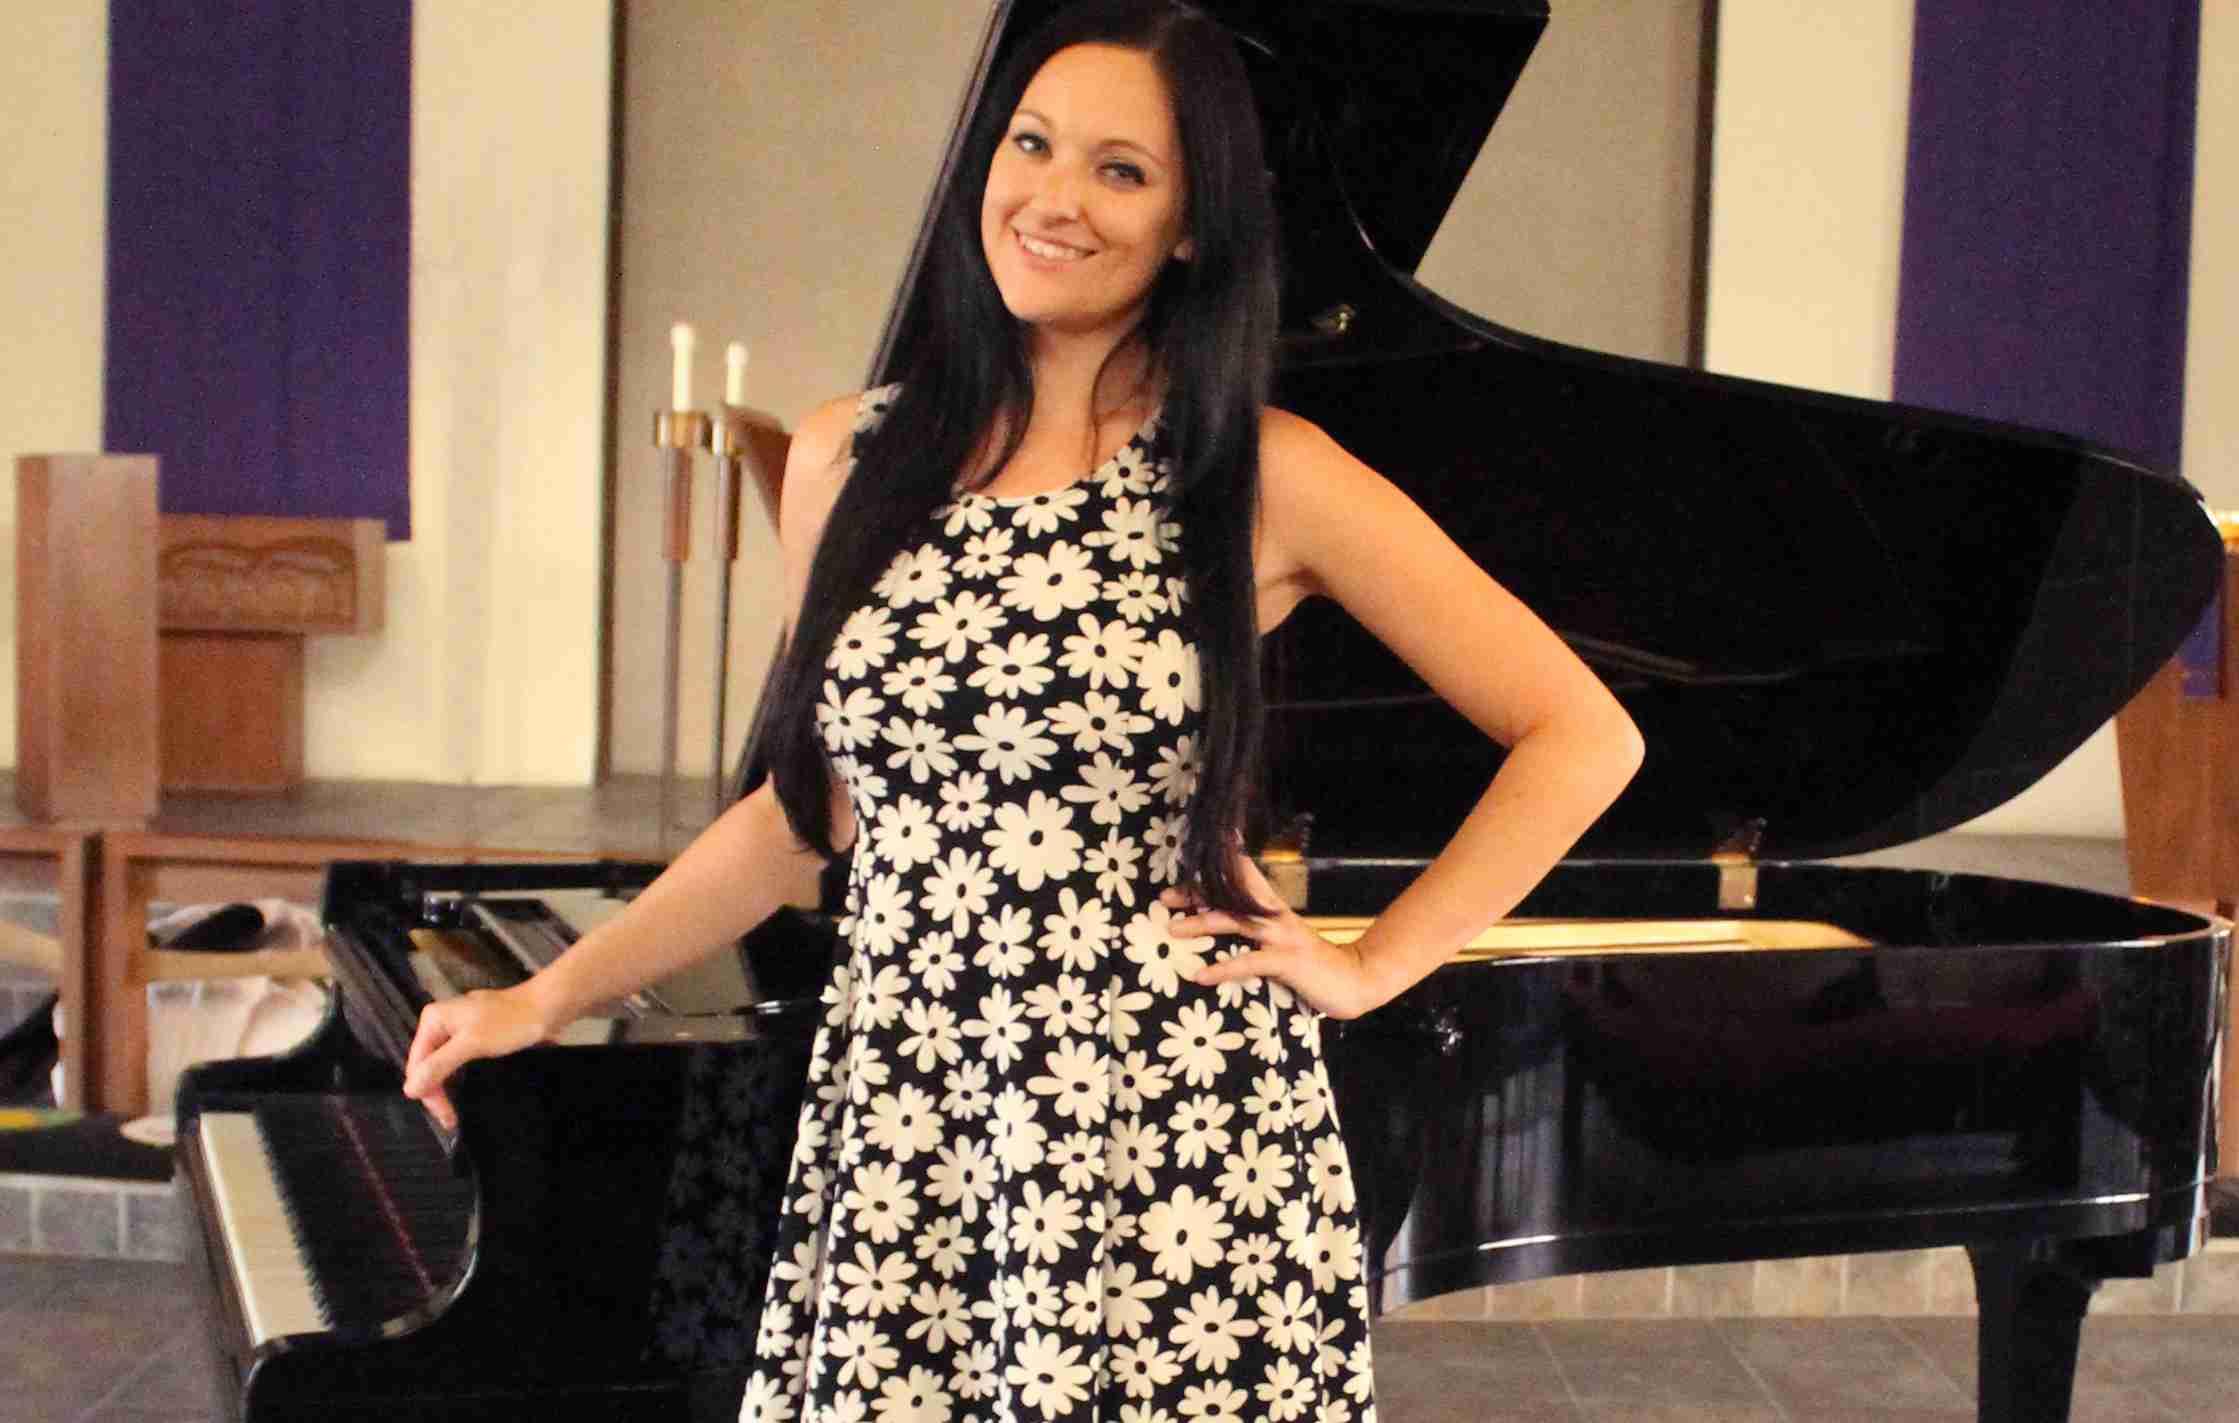 PIano teacher Christina Lopriore